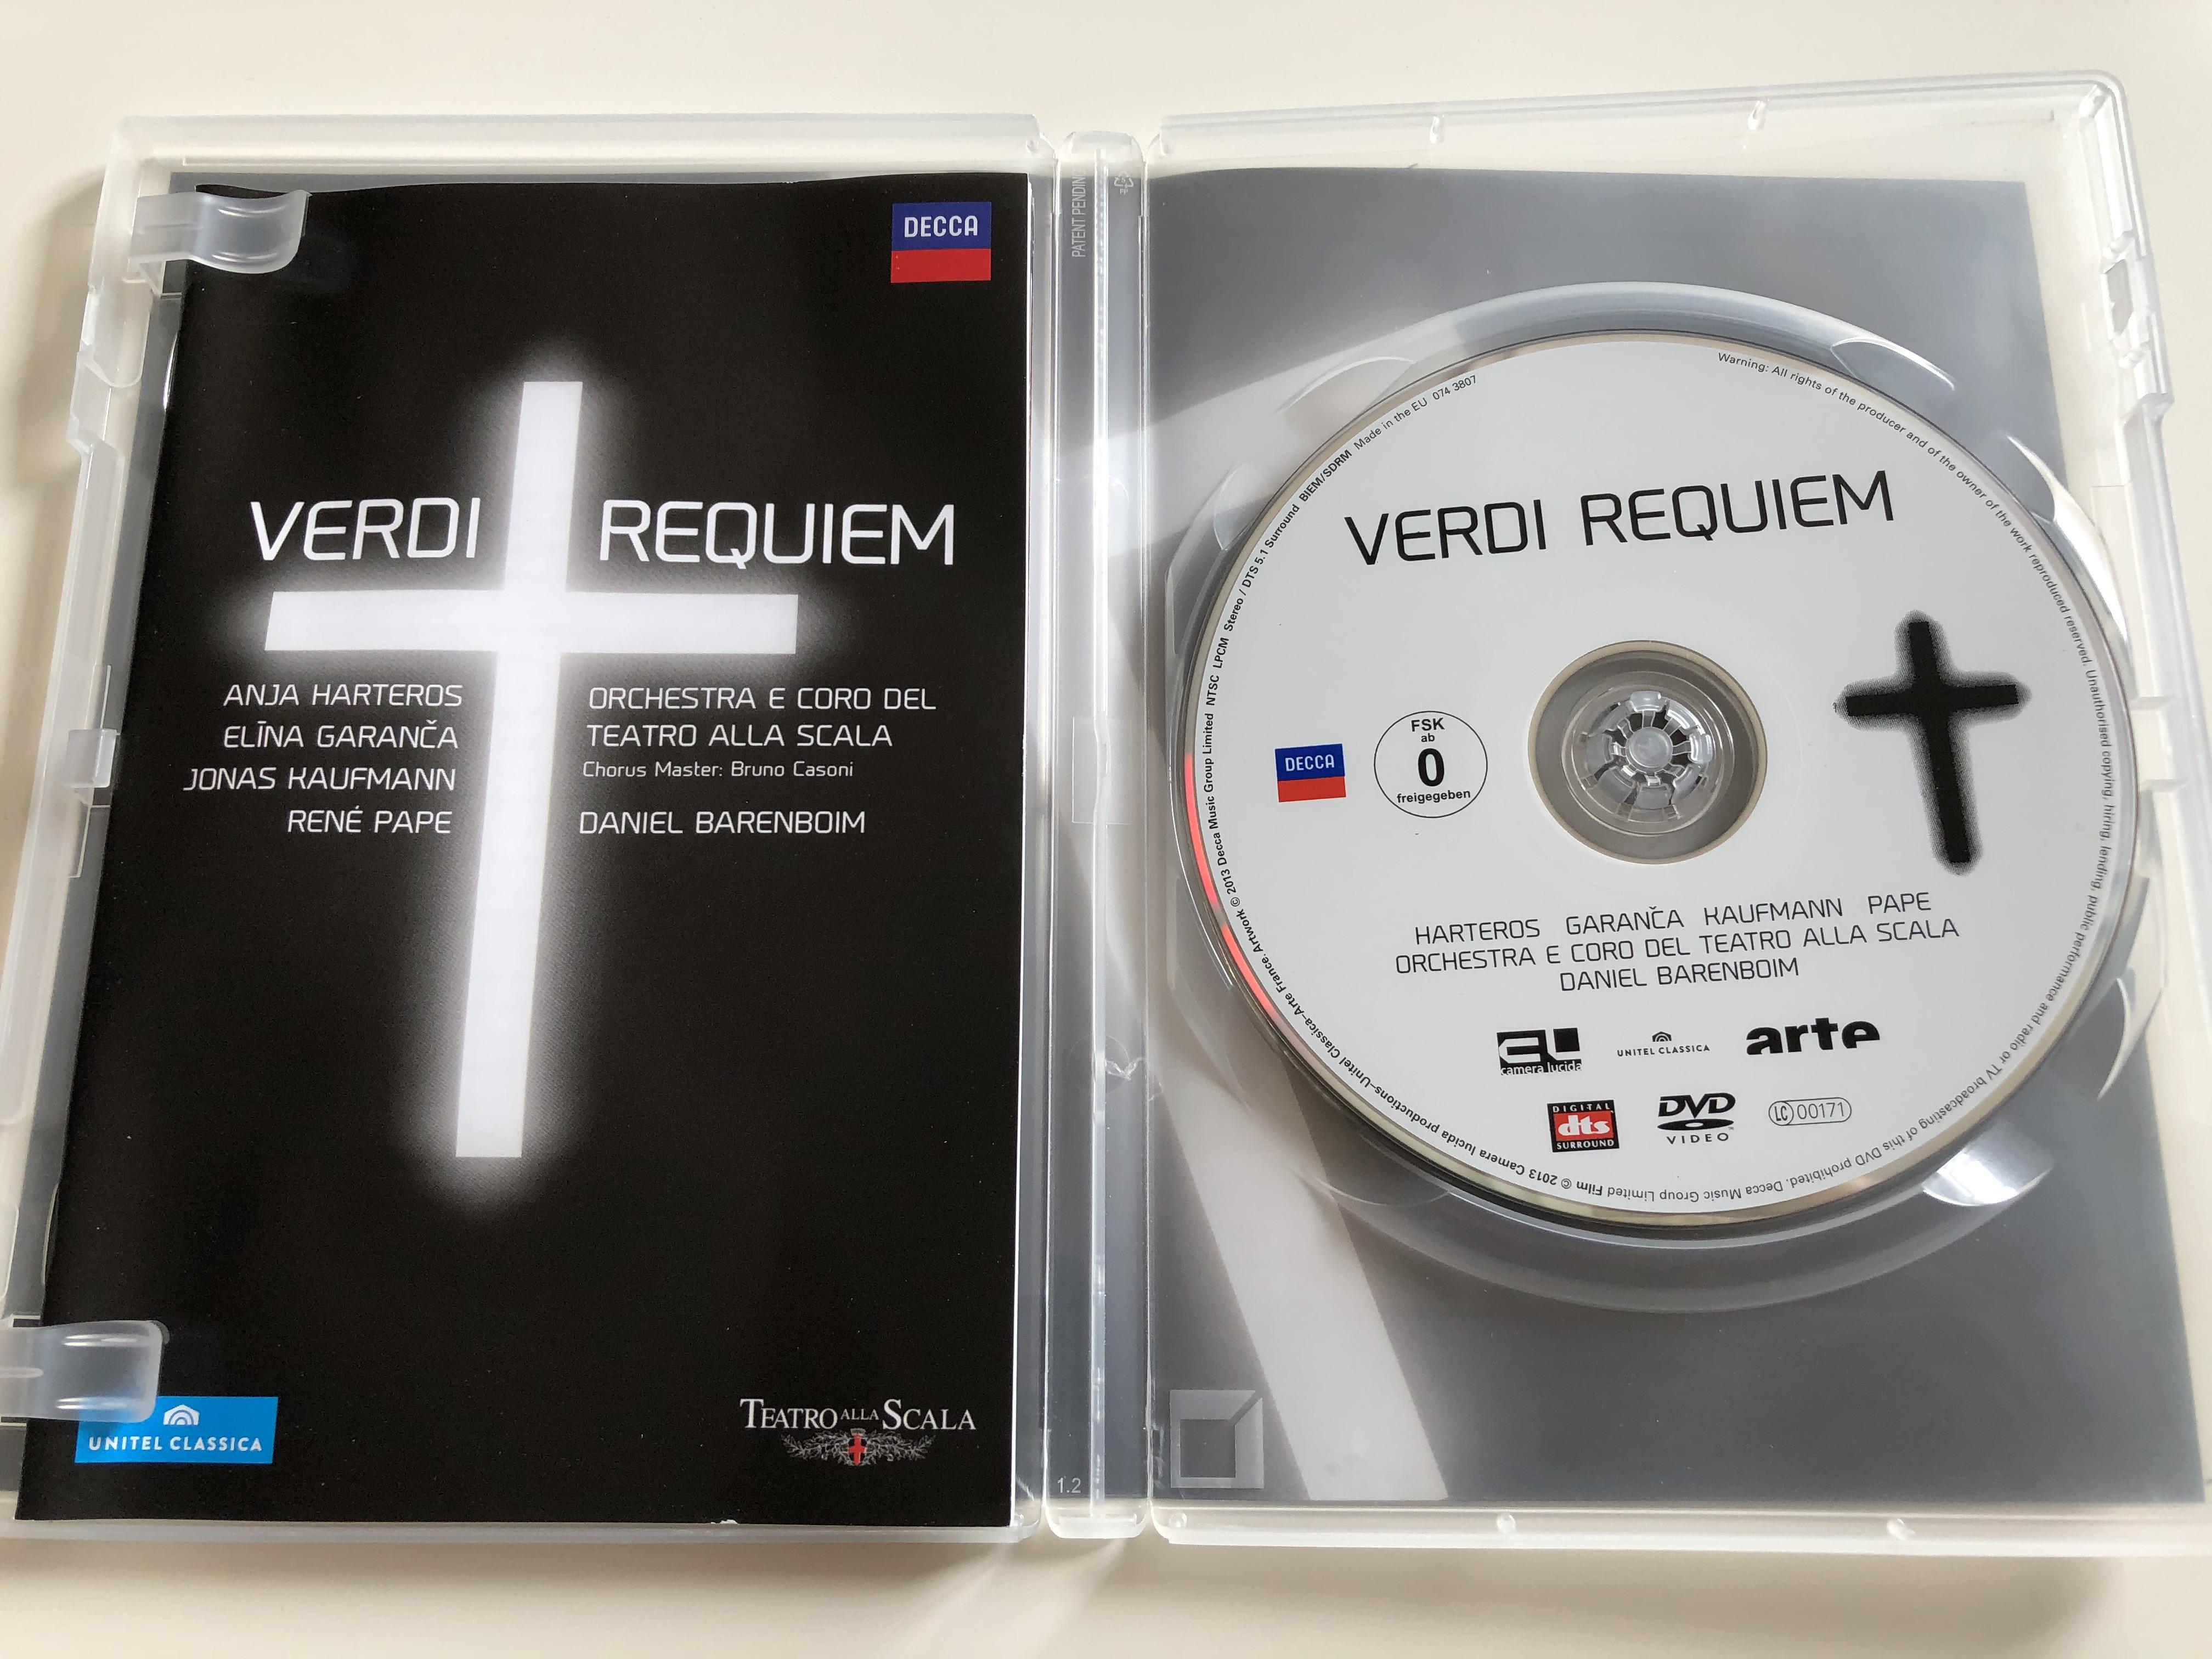 verdi-requiem-dvd-2013-orchestra-e-coro-del-teatro-alla-scala-chorus-master-bruno-casoni-daniel-barenboim-anja-harteros-elina-garanca-jonas-kaufmann-ren-pape-decca-2-.jpg